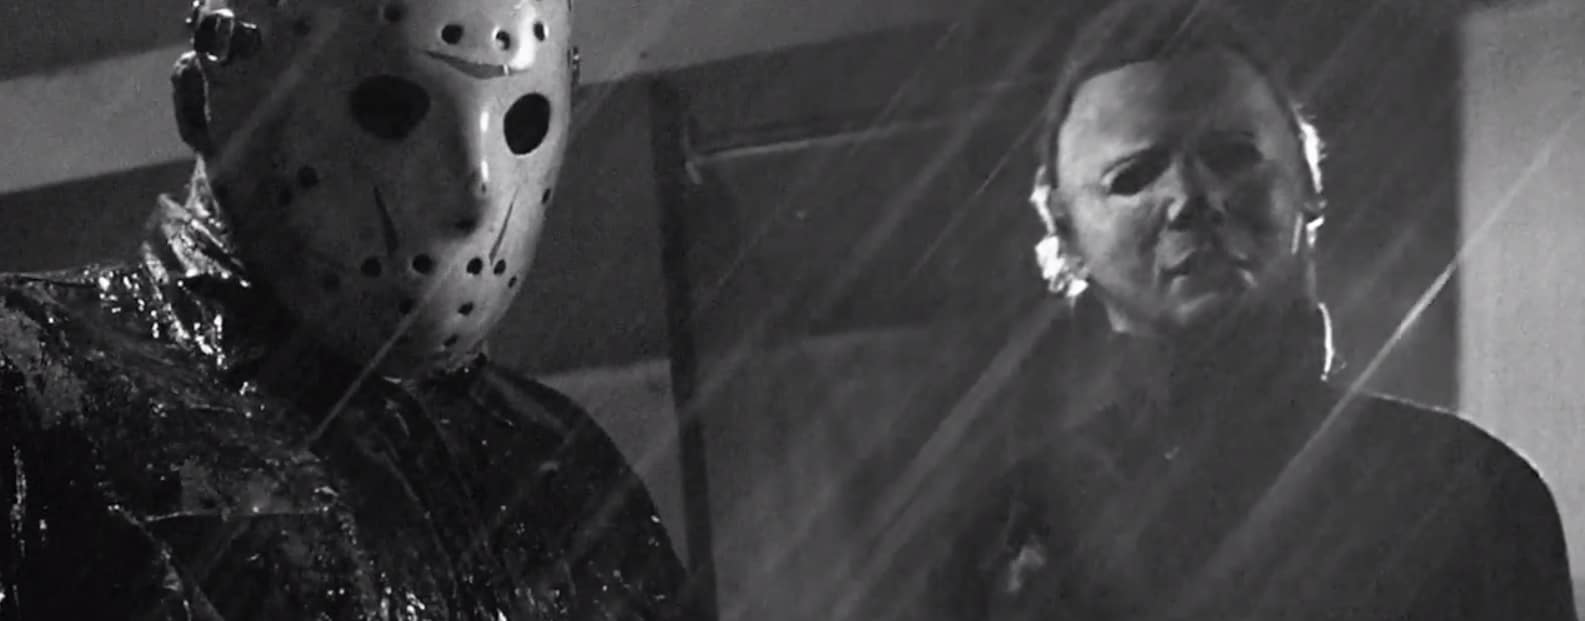 Boogeymen's Anthology Michael Vs Jason : les personnages emblématiques du cinéma d'horreur et d'épouvante réunis